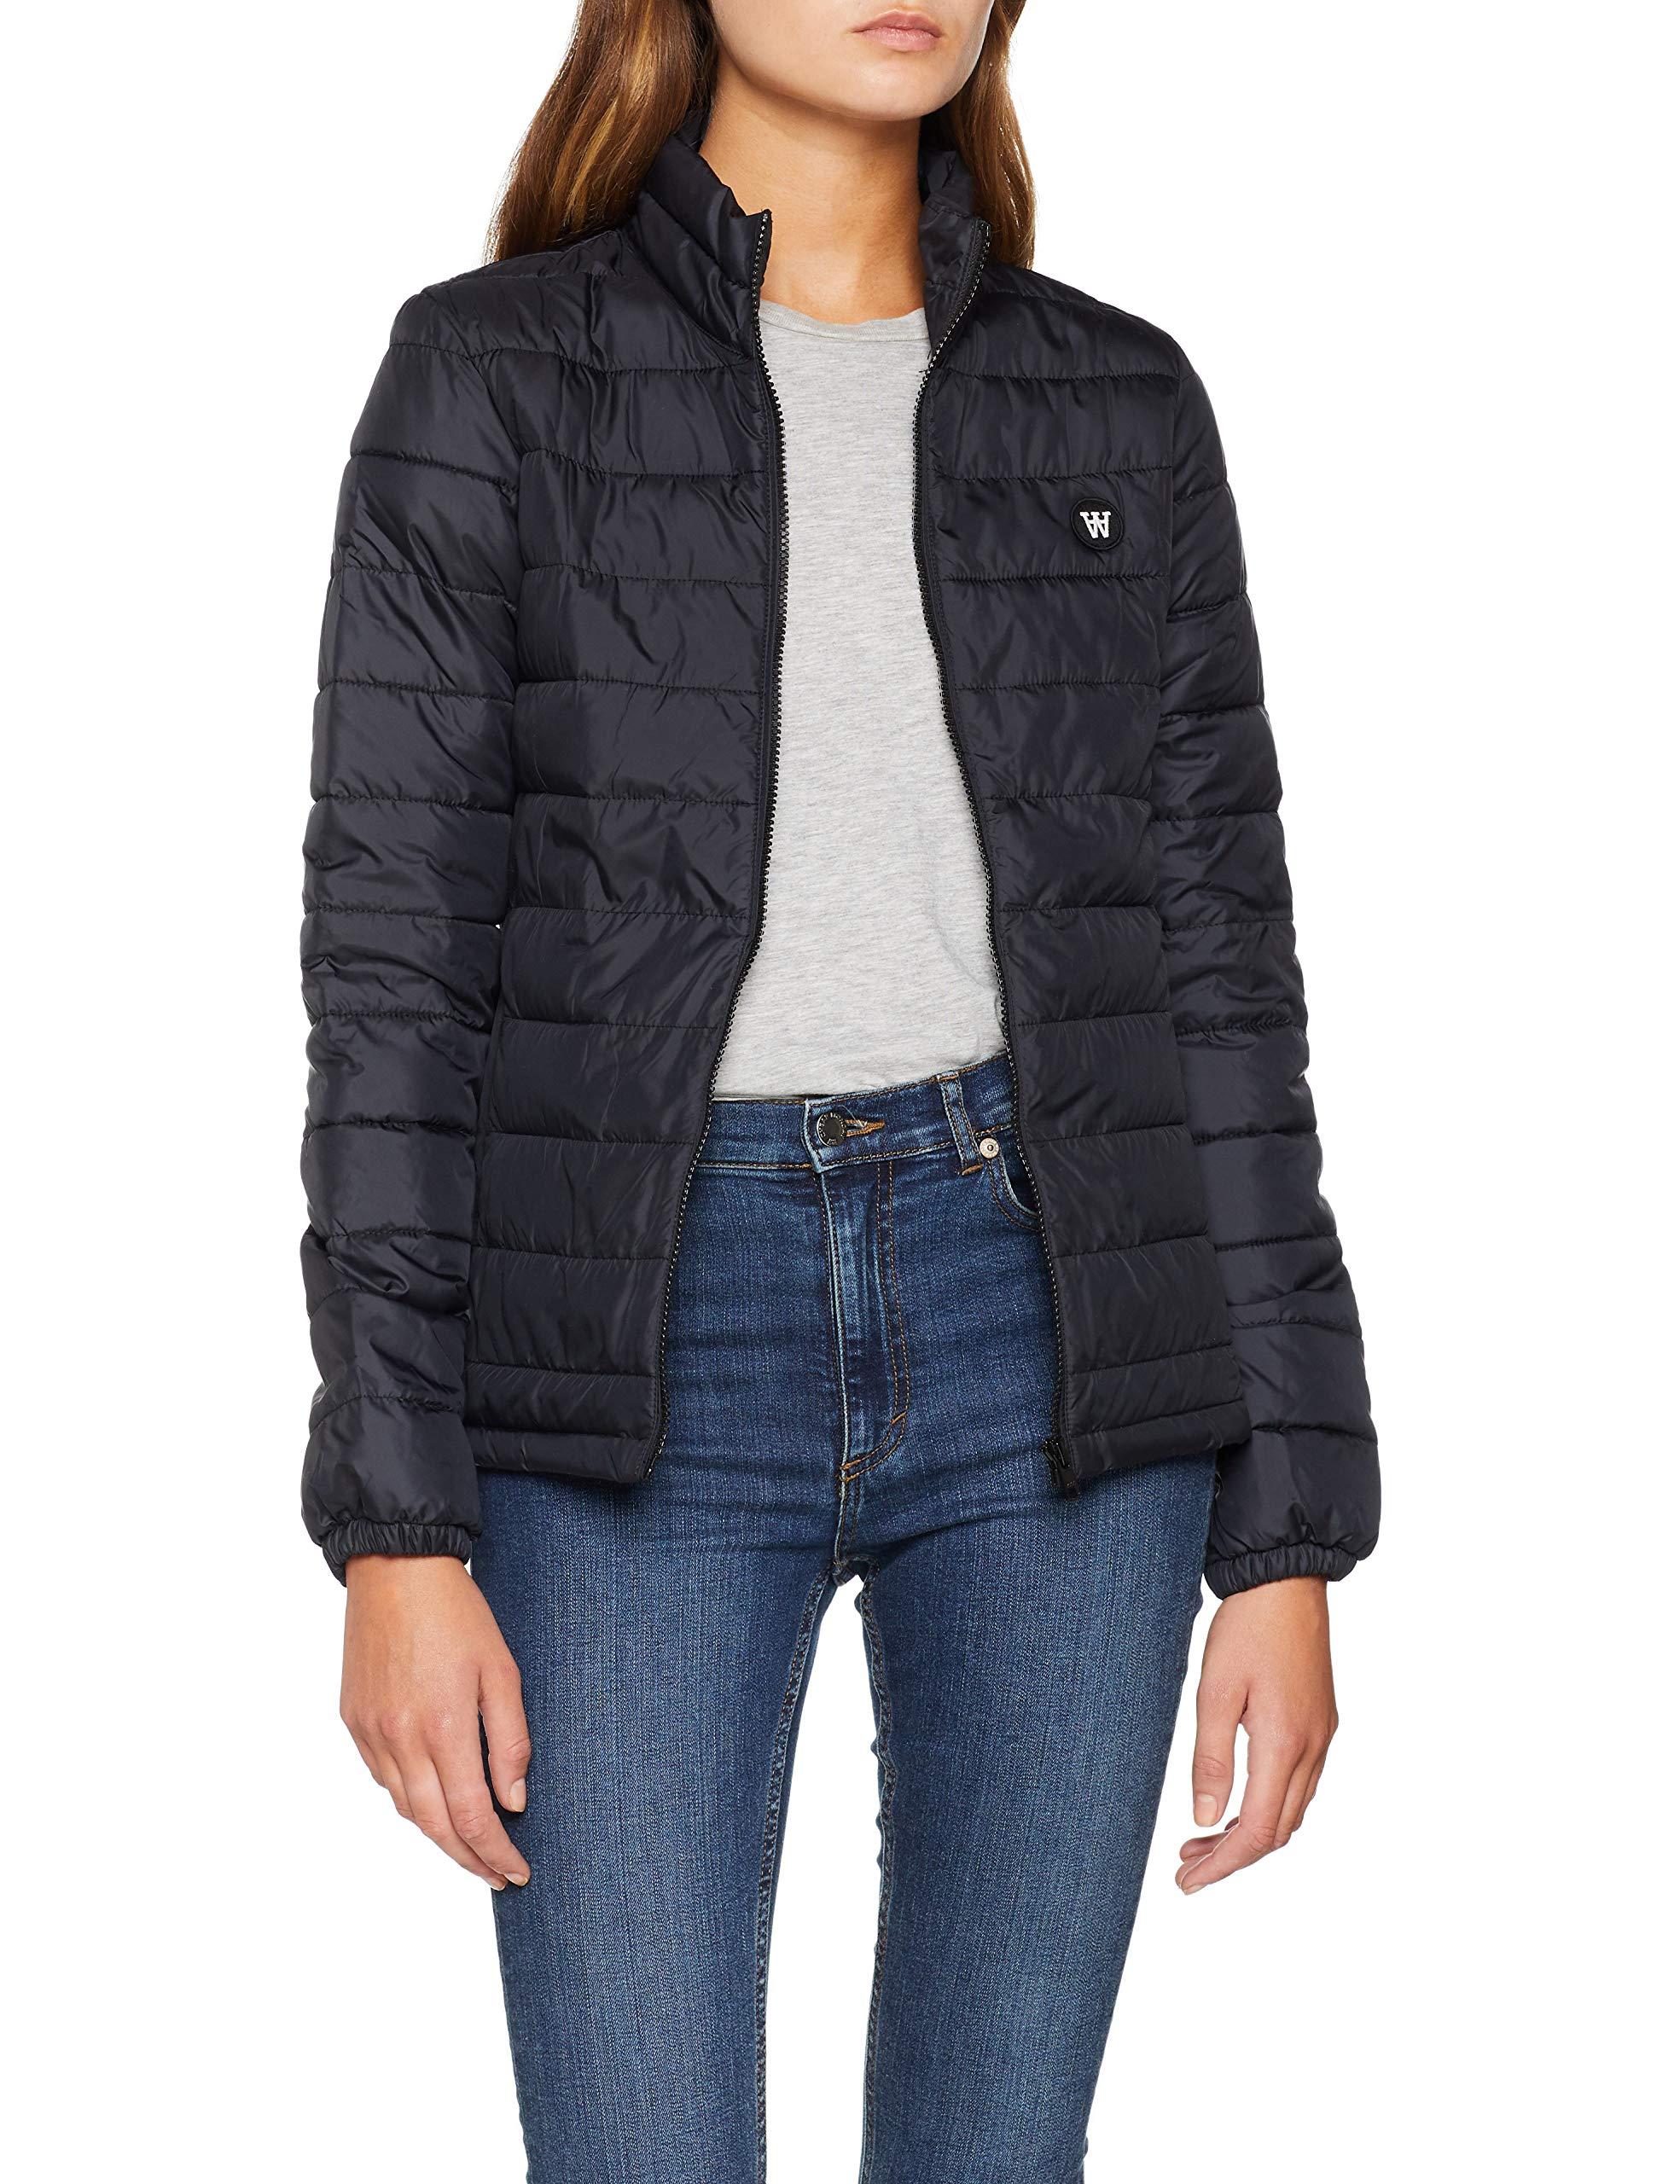 Alba Jacket Black42 Wood BlousonSchwarz Femme dCxeBroW